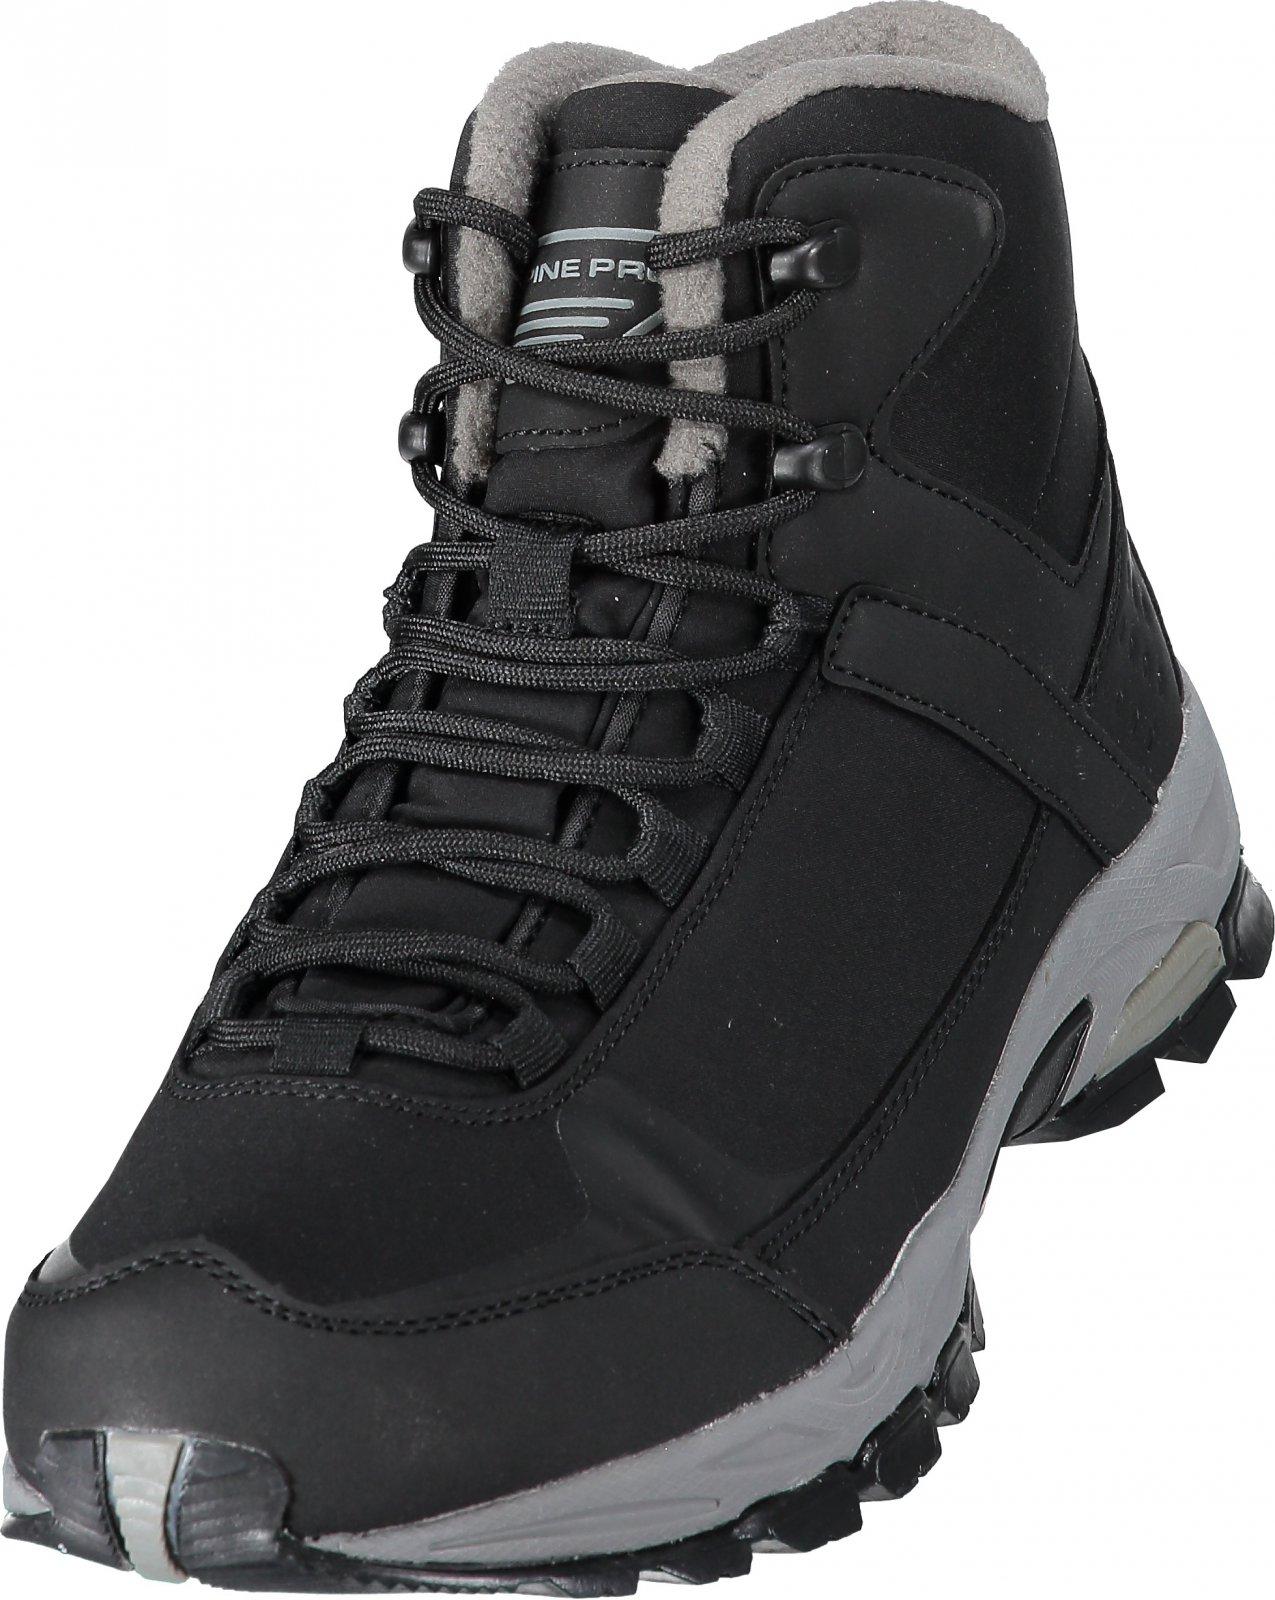 Alpine Pro Ber UBTM171 černá od 899 Kč • Zboží.cz 01c4dd9941